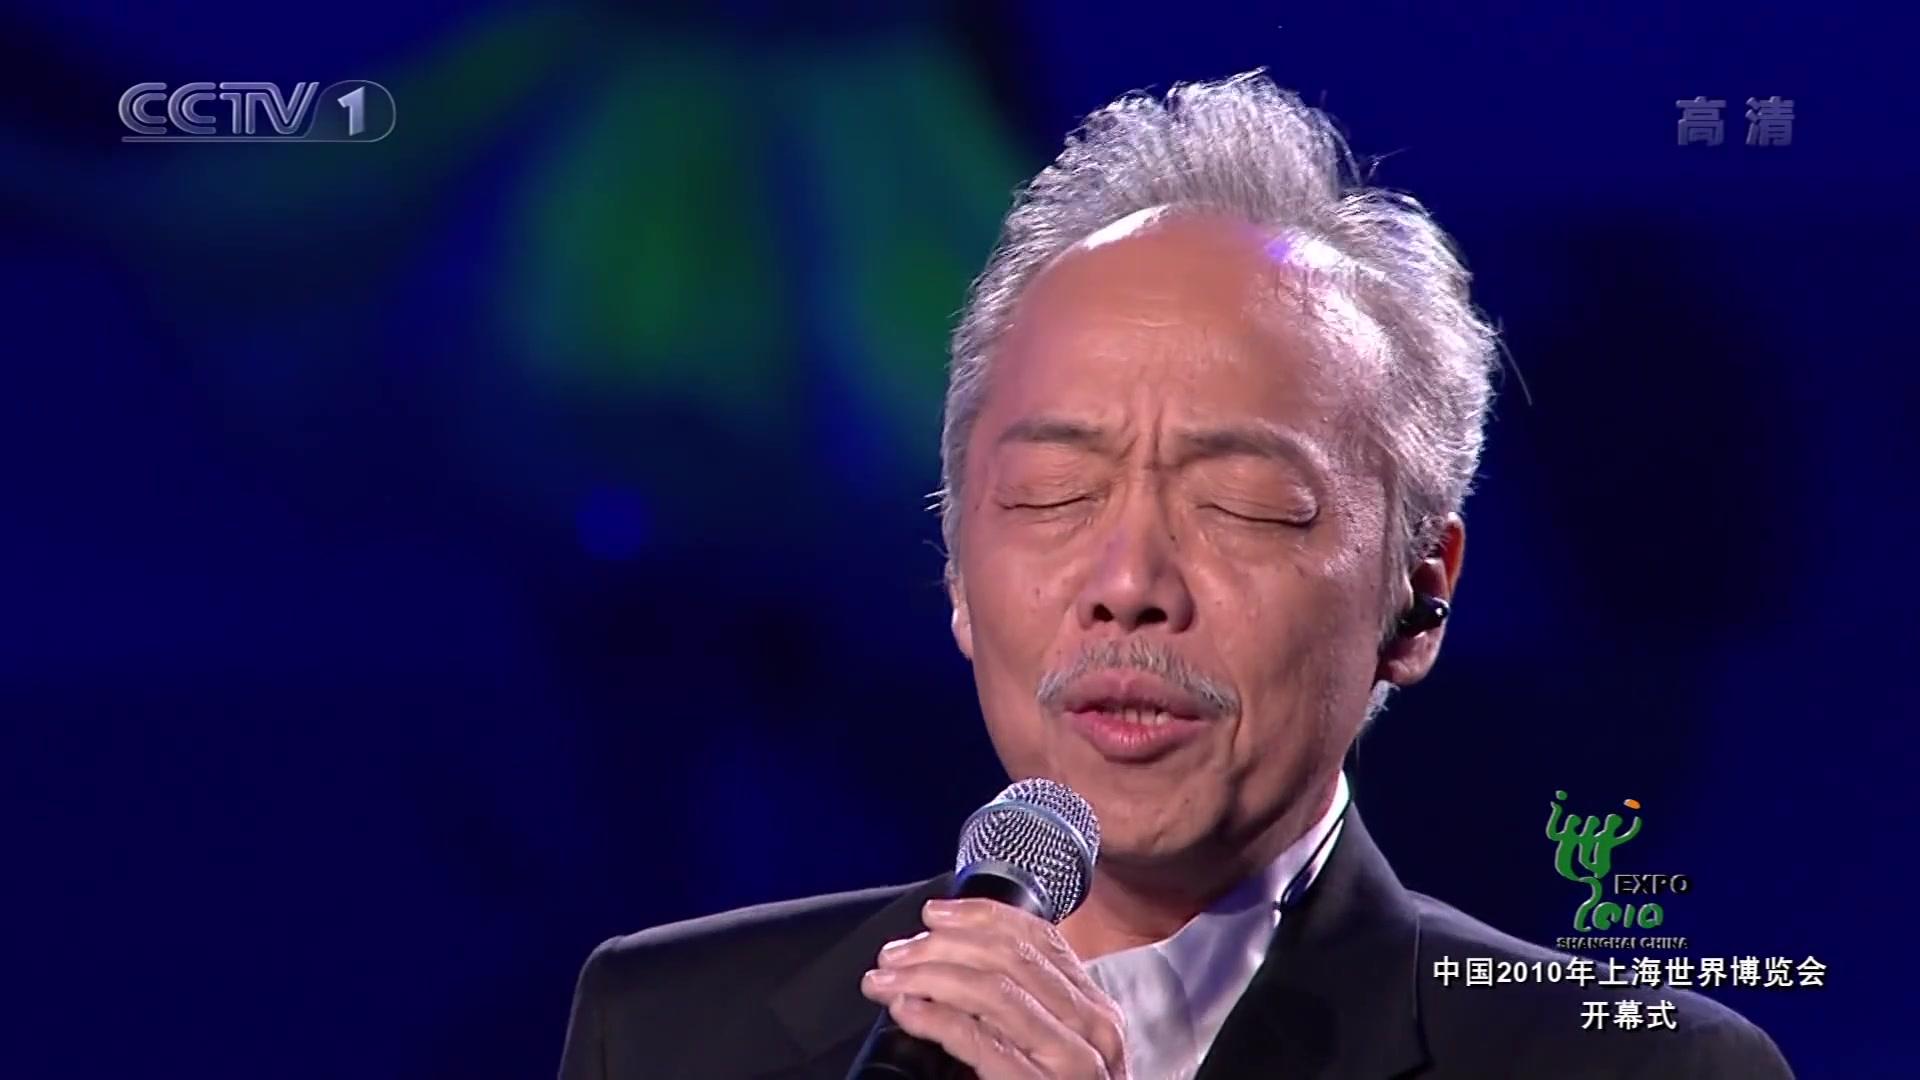 谷村新司 星 2010上海世博會 FHD_嗶哩嗶哩 (゜-゜)つロ 干杯~-bilibili